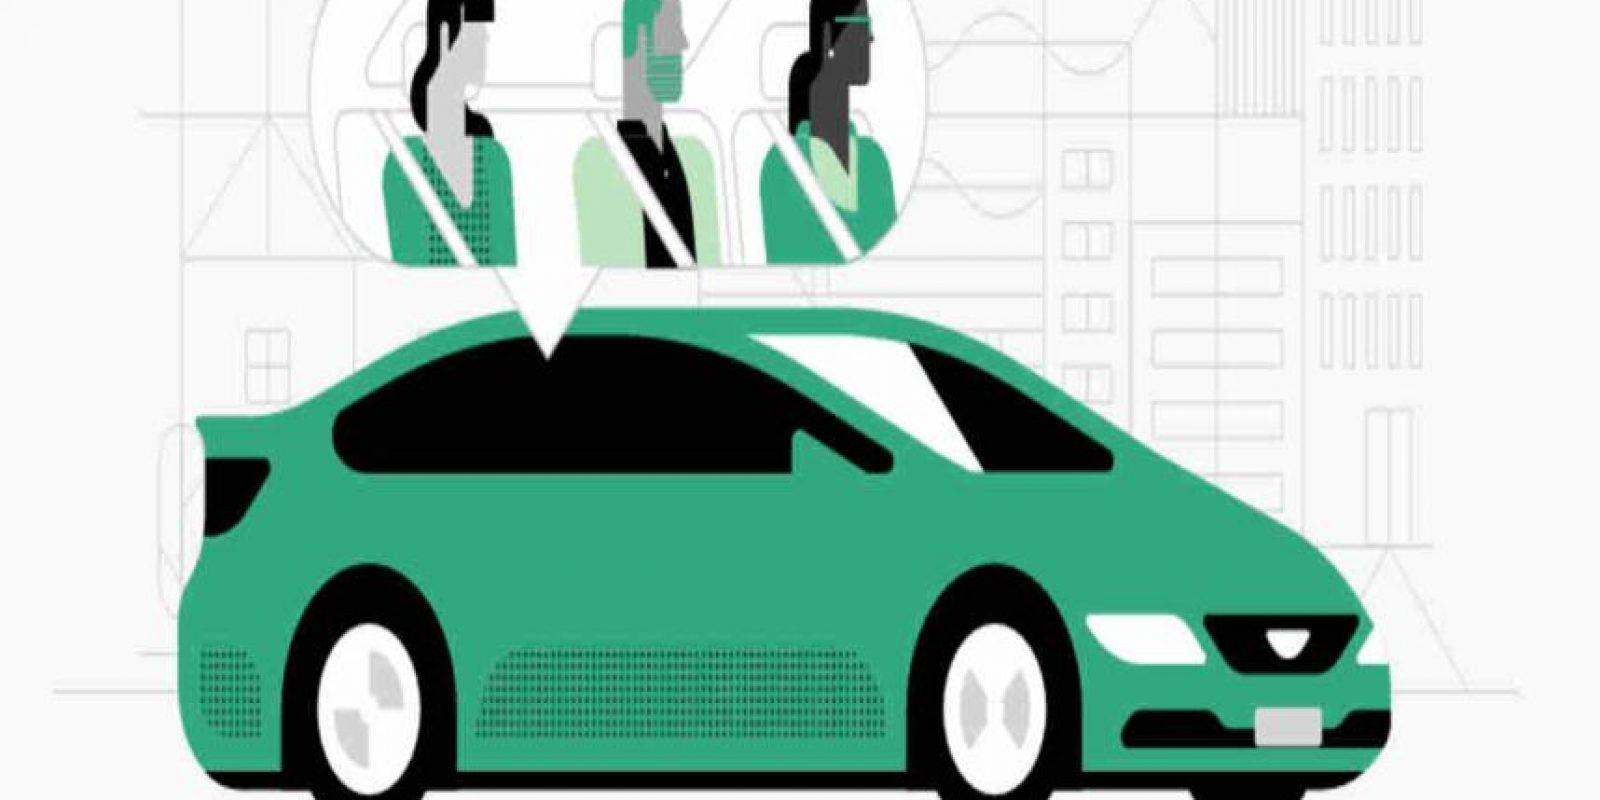 Actualmente, la única tarifa fija que ofrece Uber es mediante UberPool. Foto:Uber. Imagen Por: